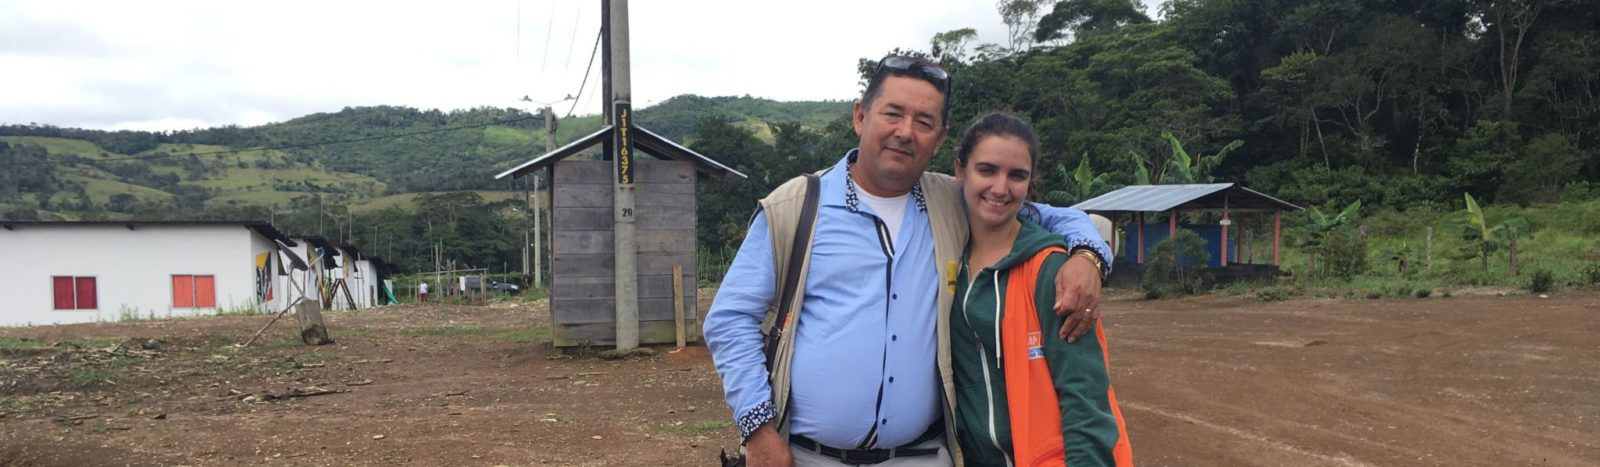 Quince viajes a la Colombia rural